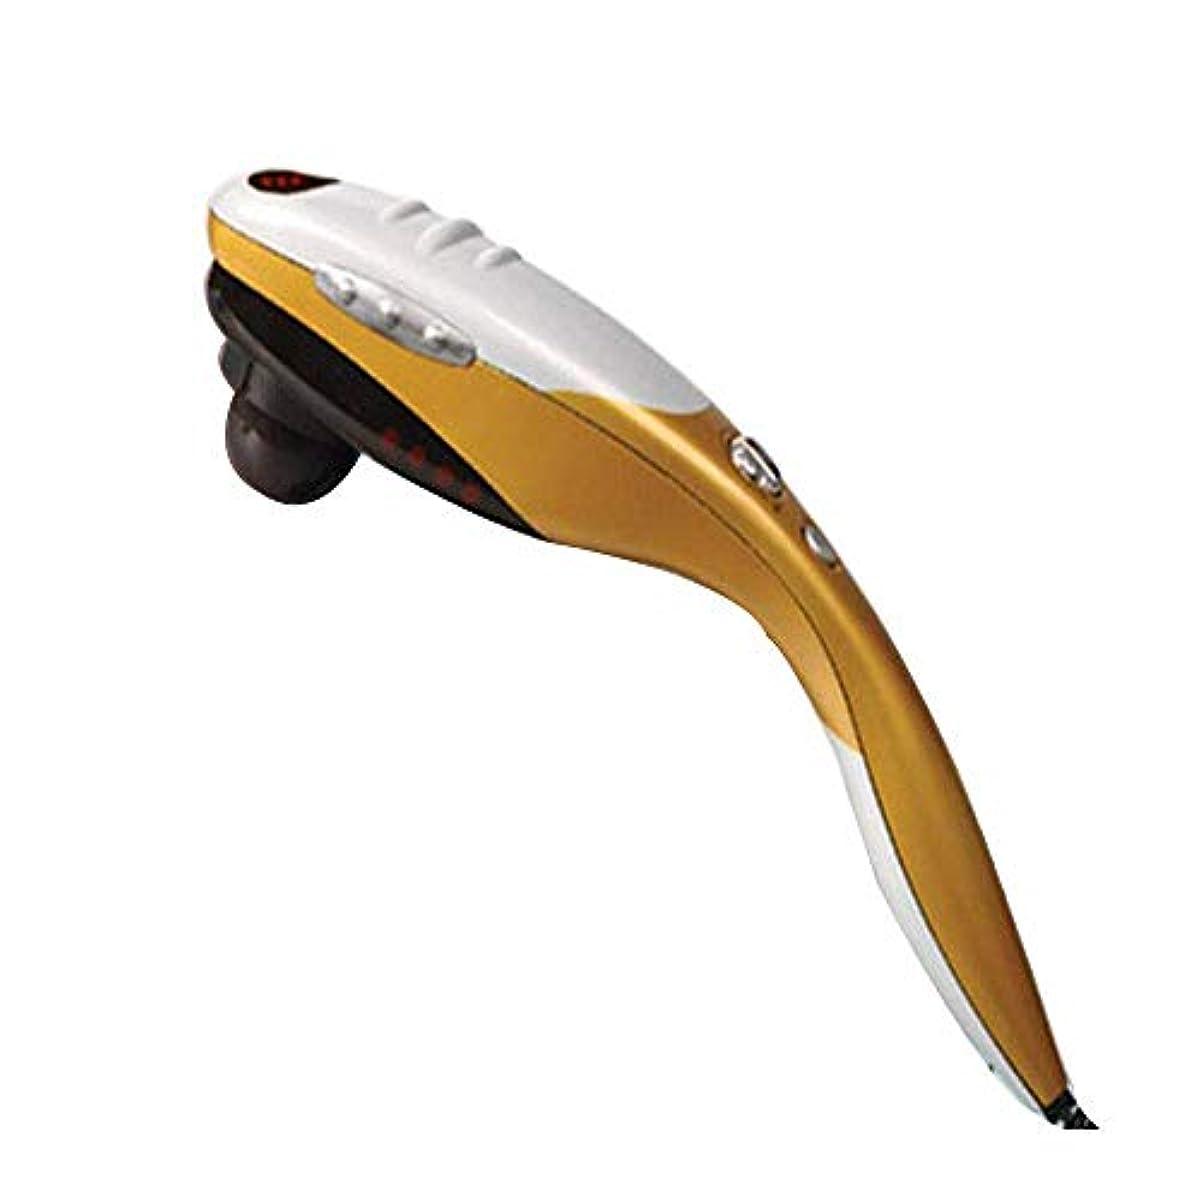 ページ不完全ストリップGWM 多機能マッサージ器電動マッサージ無限可変頚部マッサージ器振動赤外線温熱療法マッサージハンマー、(イエロー)